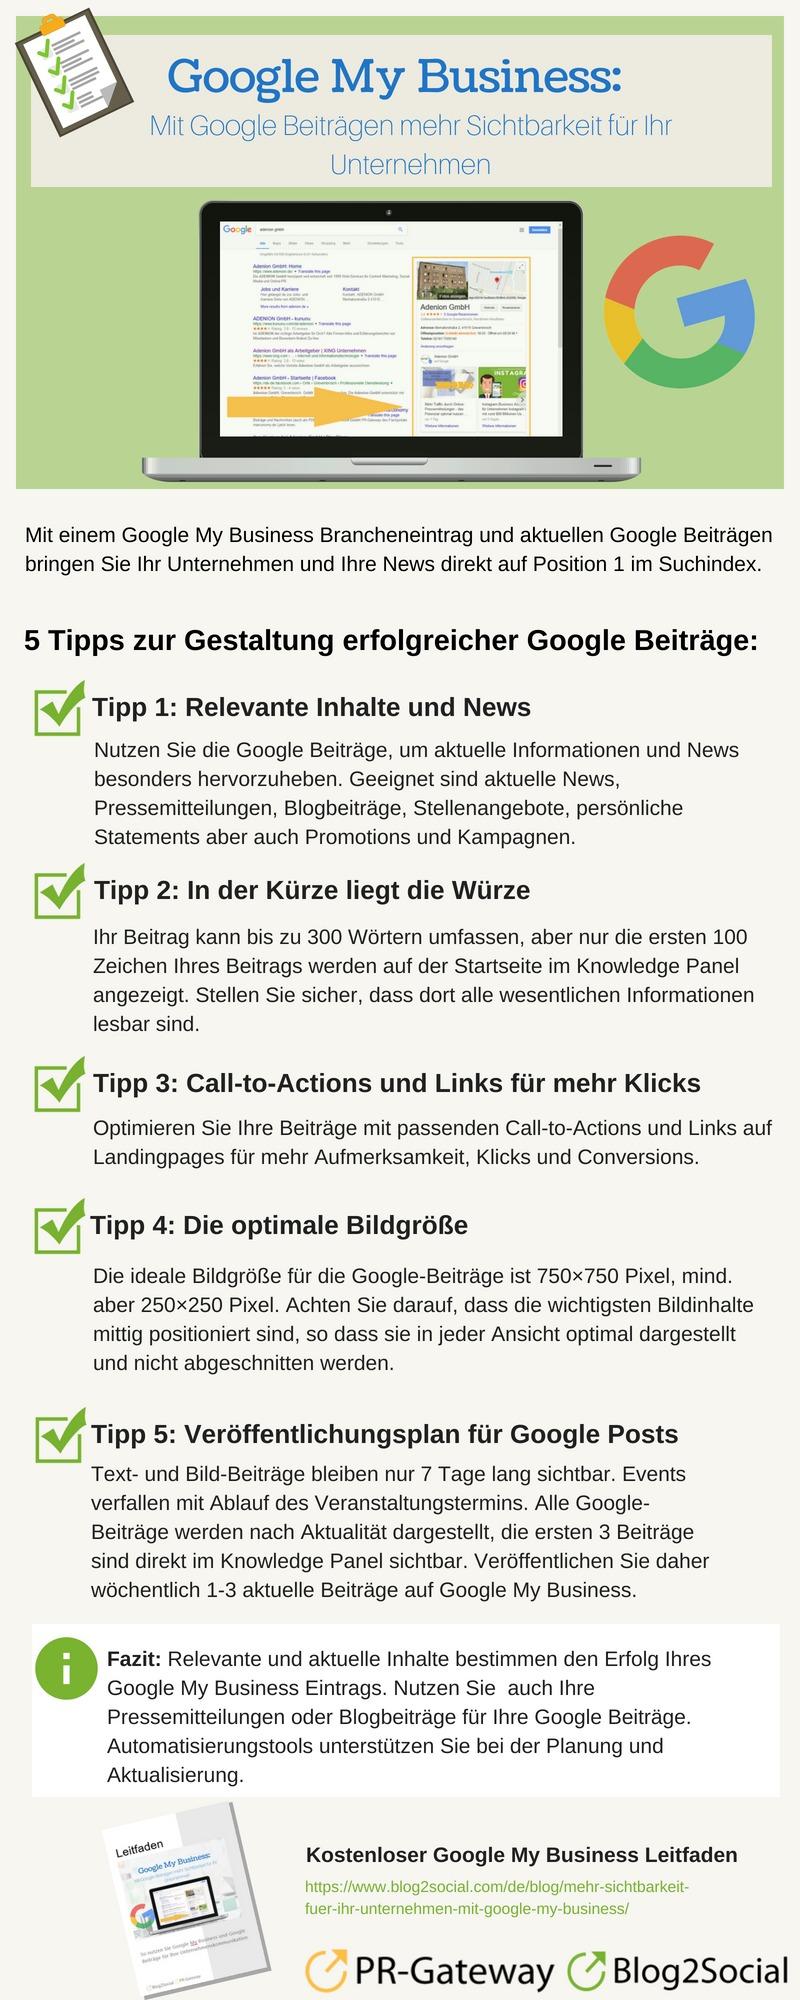 Infografik: So nutzen Sie Google My Business